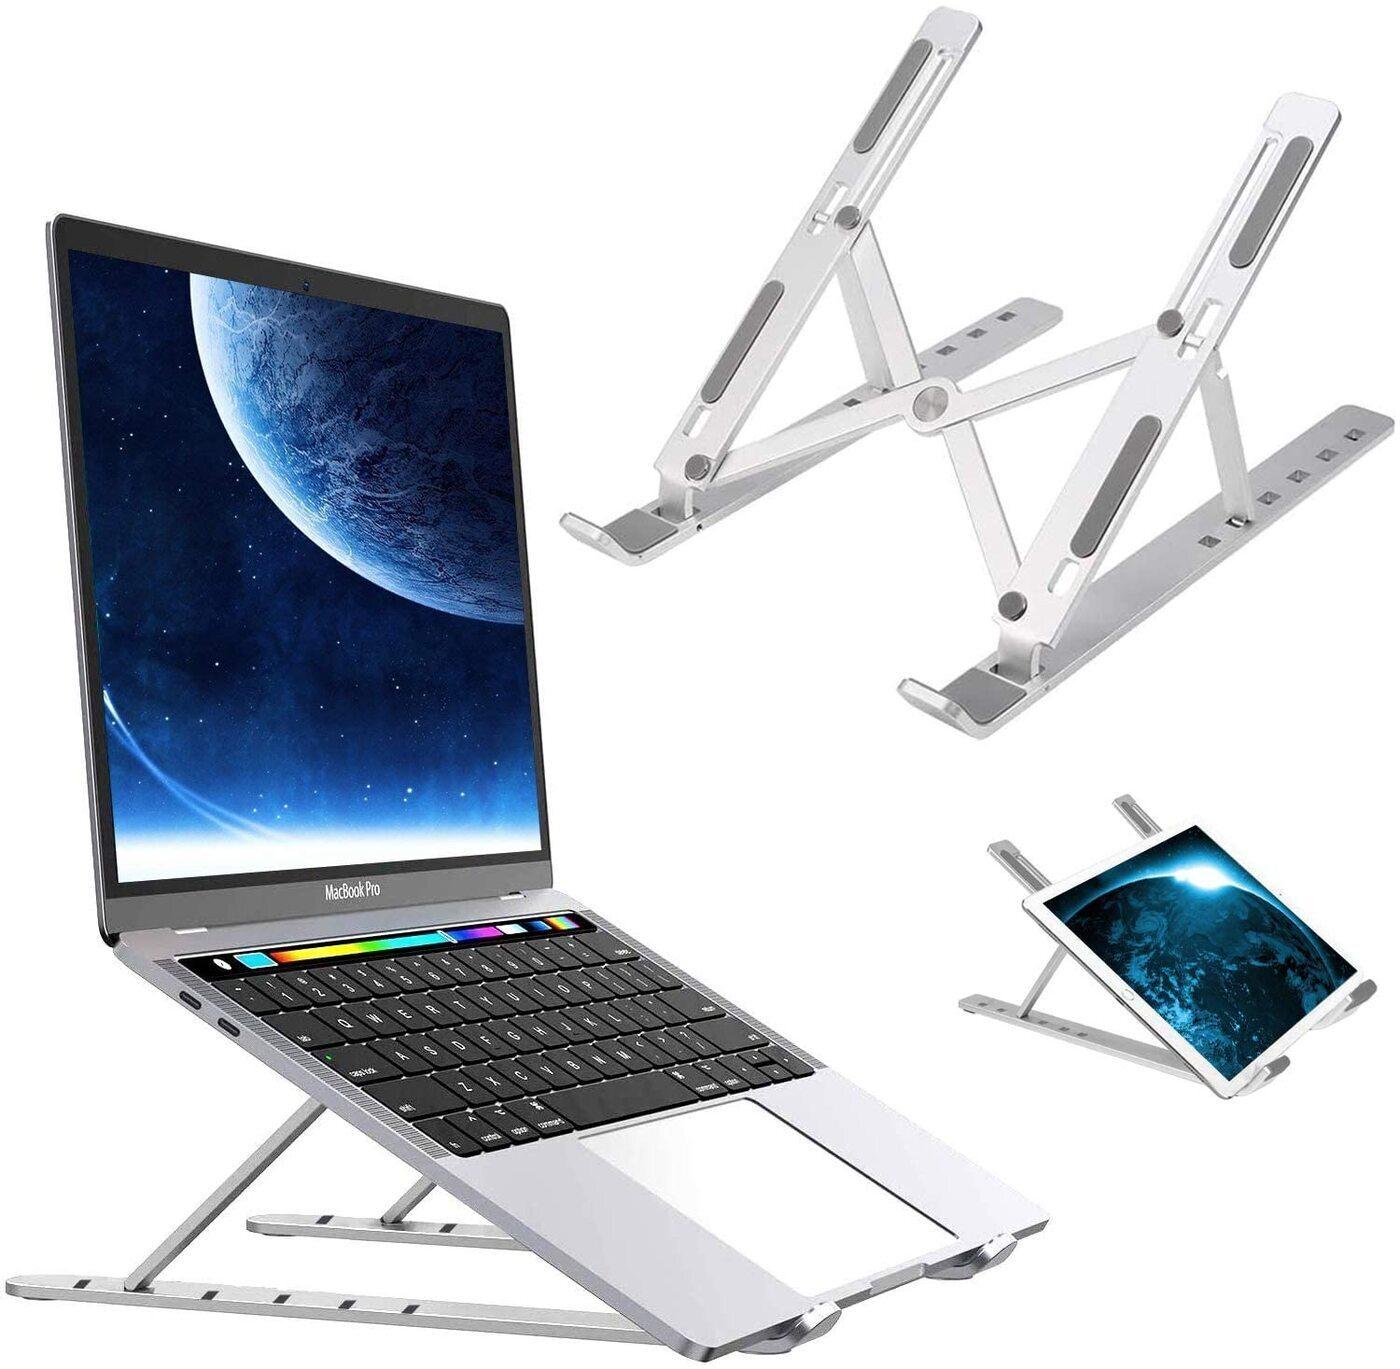 Складная переносная алюминиевая подставка для ноутбука с чехлом carnero electronics массажер подушка москва